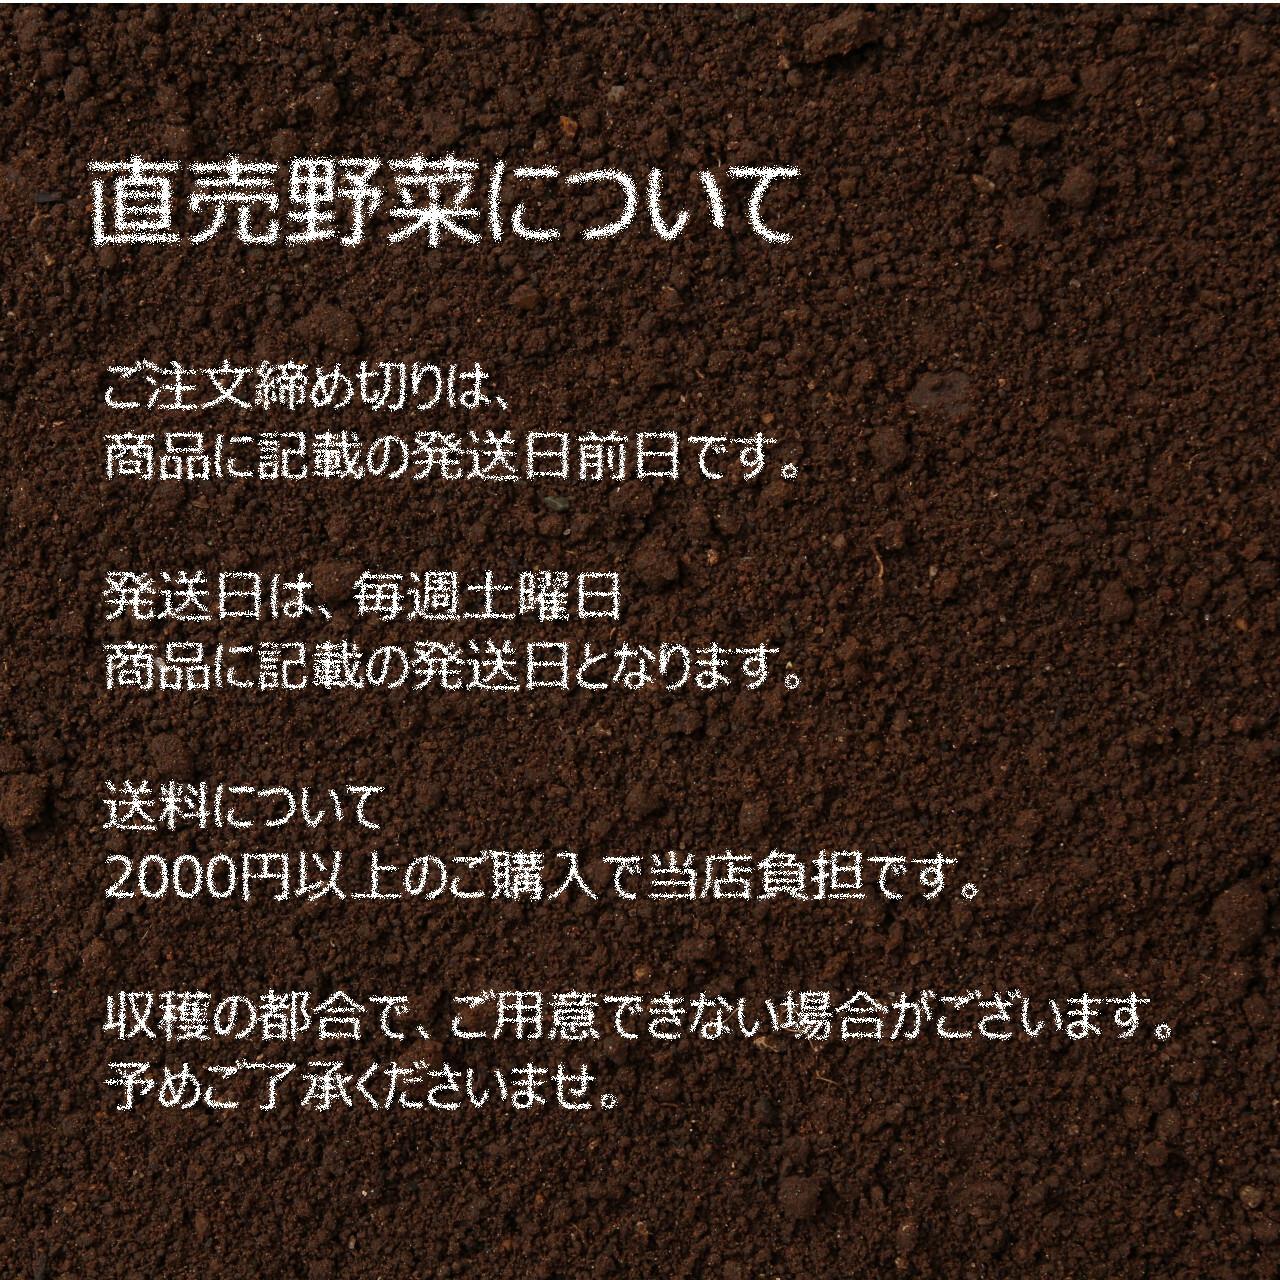 8月の新鮮夏野菜 : 大葉 約100g 8月の朝採り直売野菜 8月17日発送予定